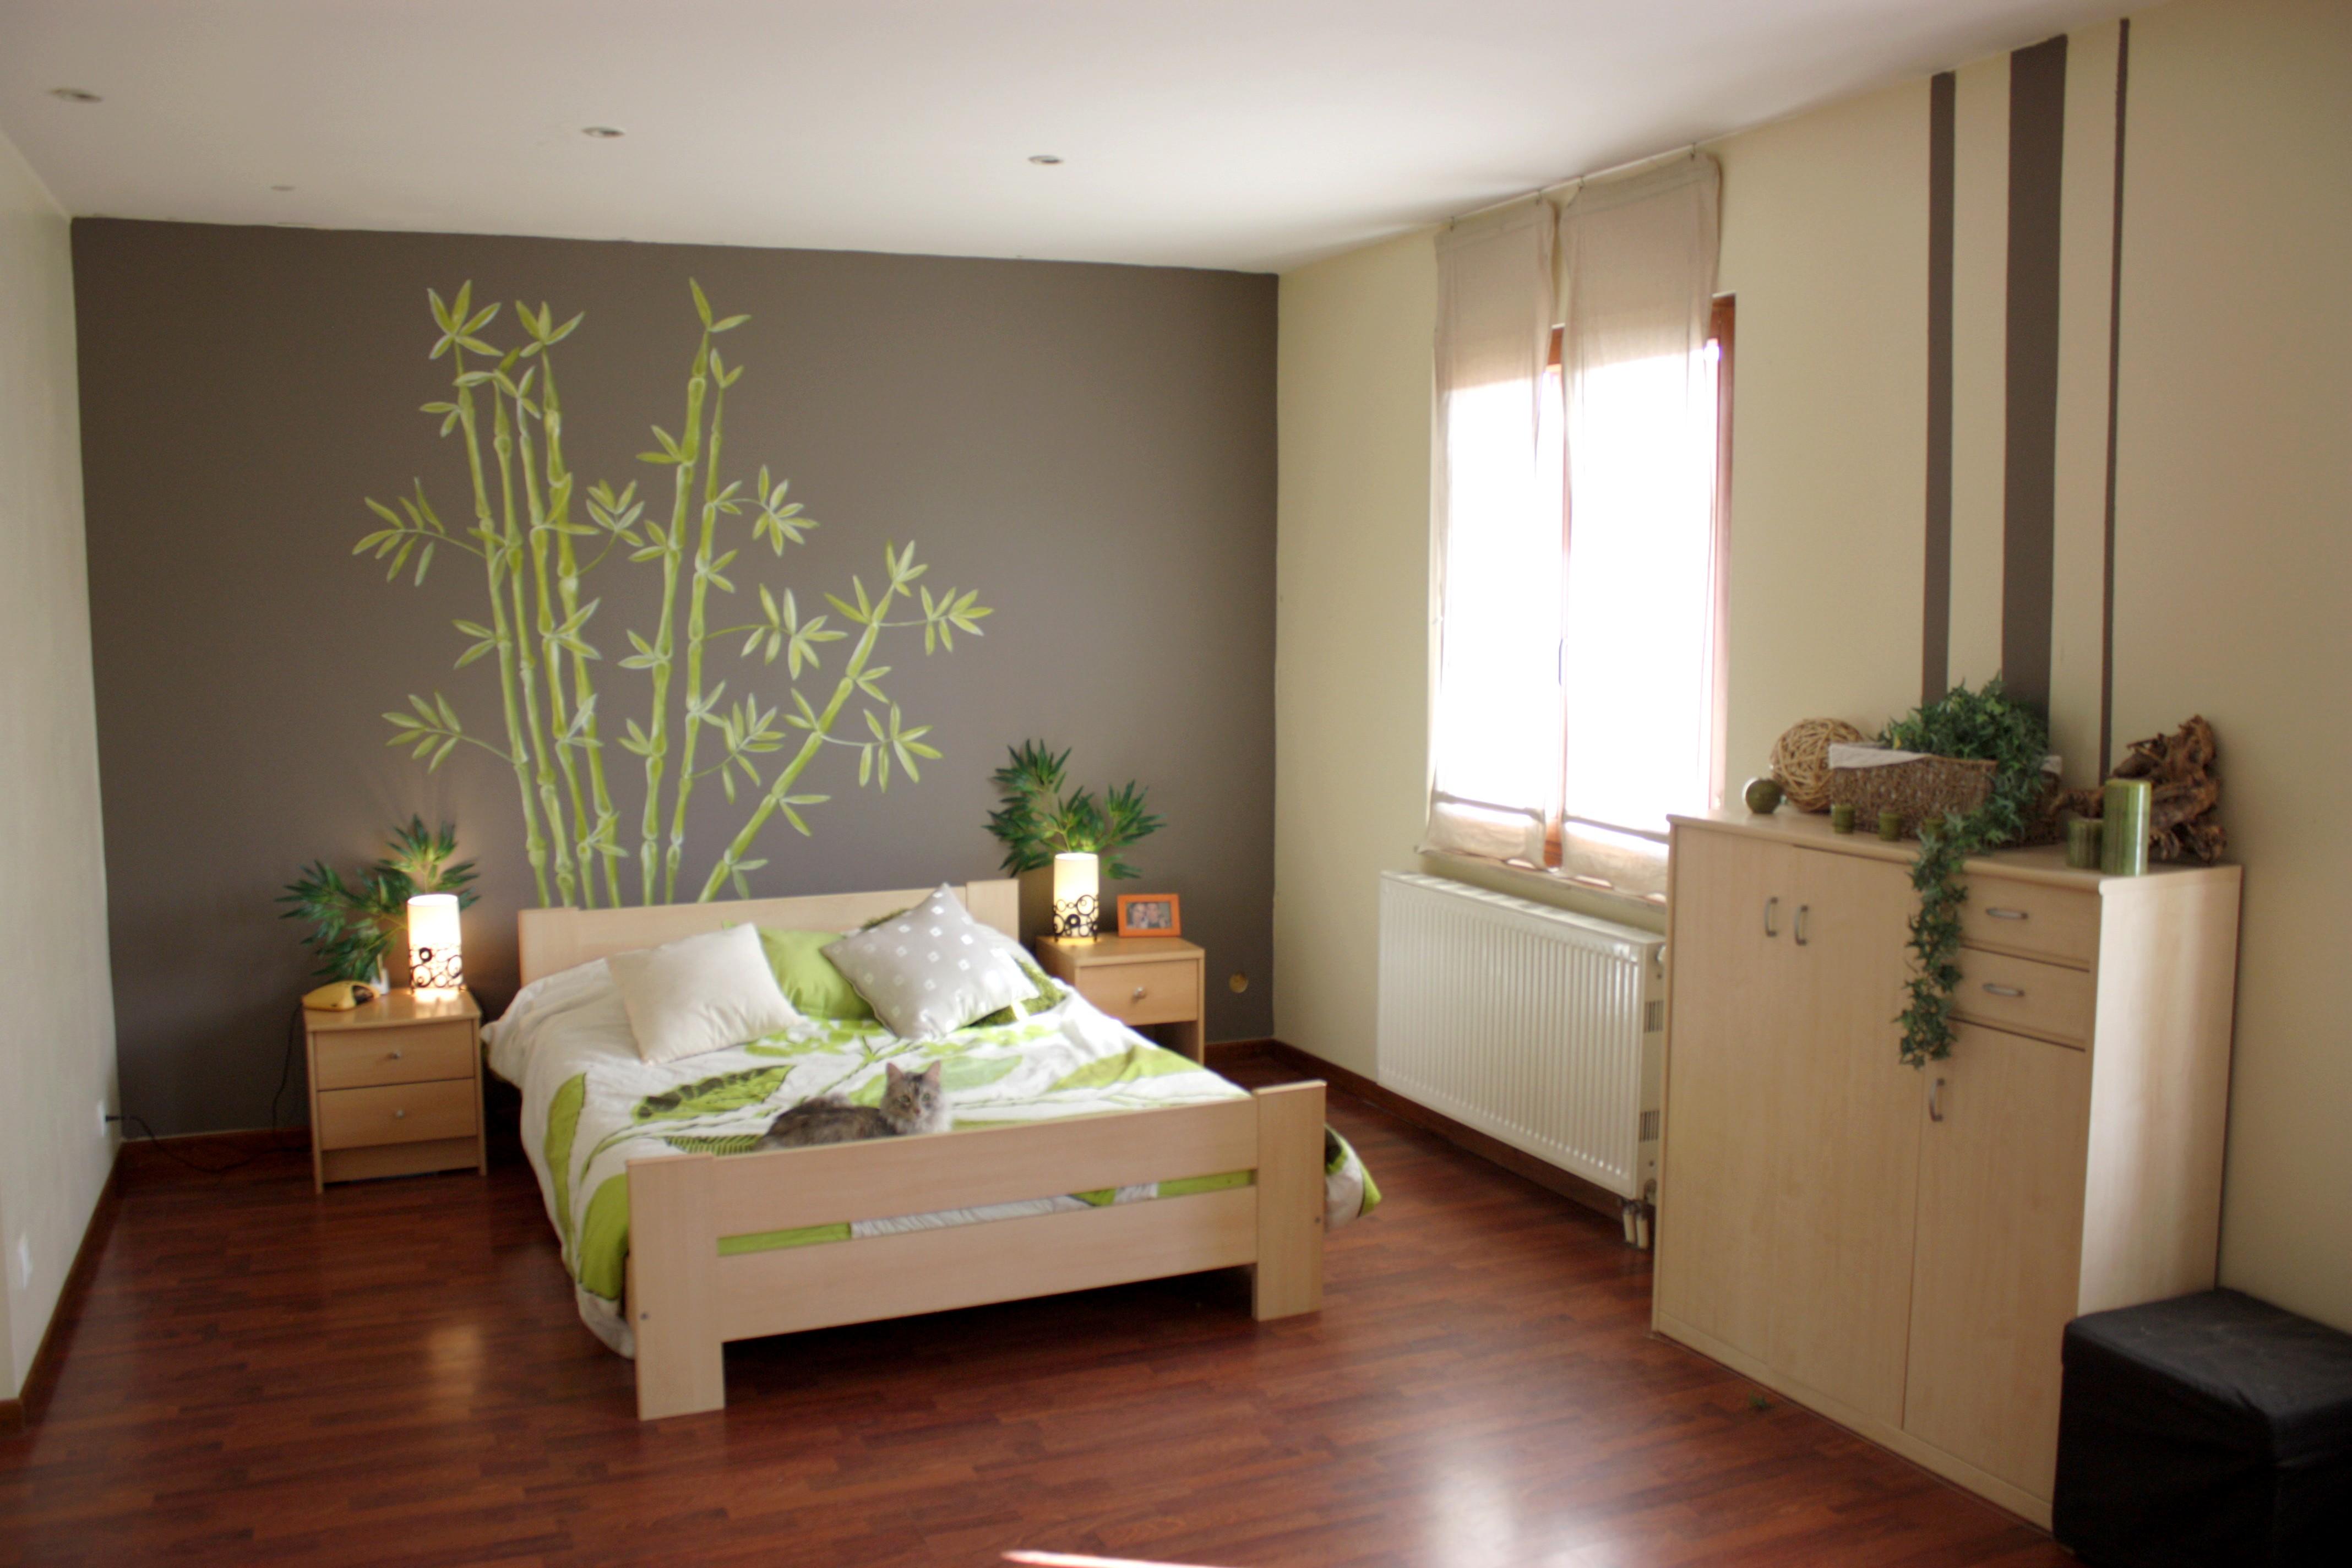 Idee peinture deco chambre adulte - Idées de travaux